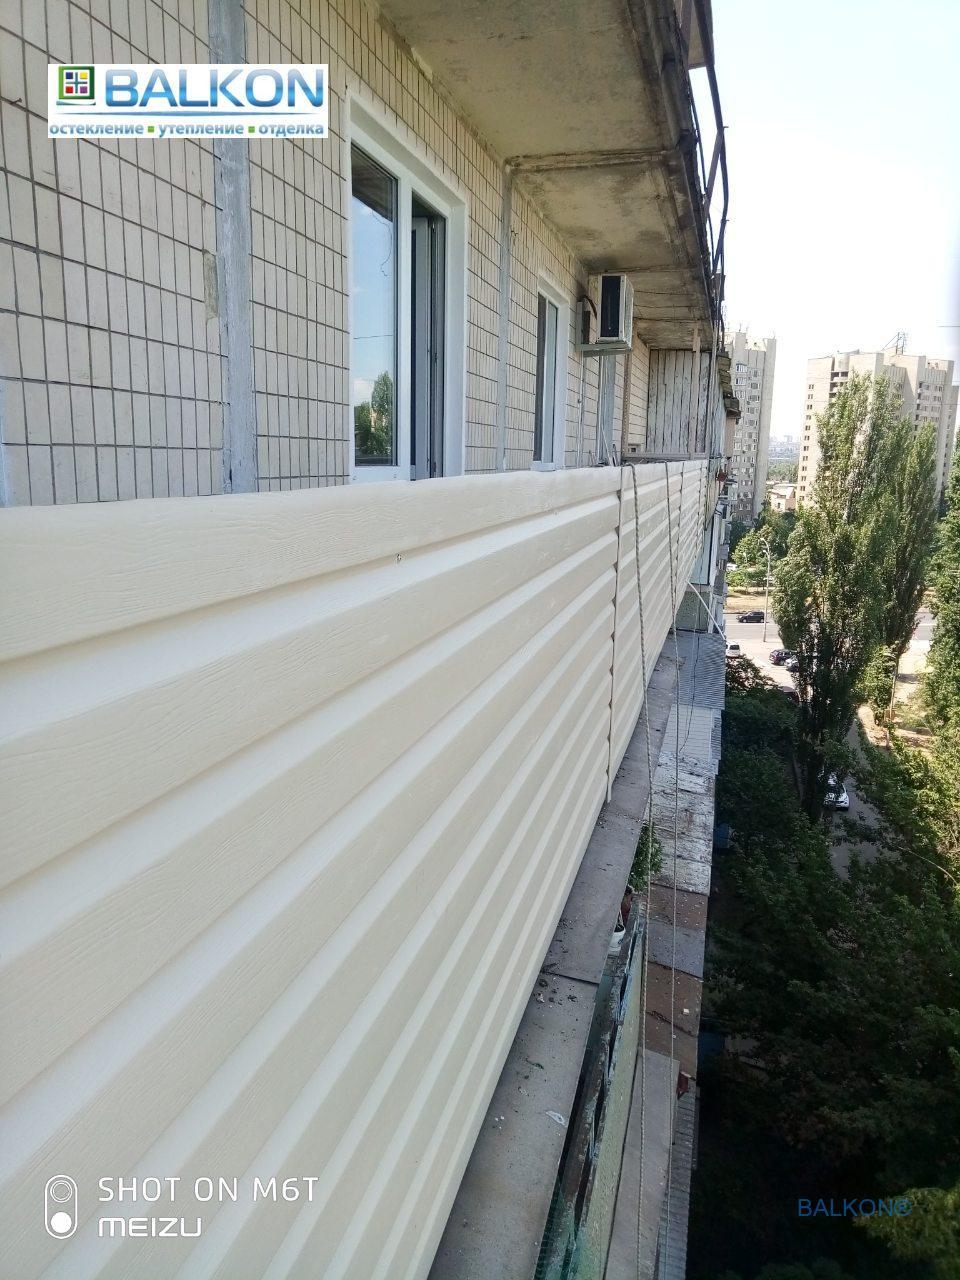 Наружная обшивка балкона сайдингом фото © Застеклить Балкон